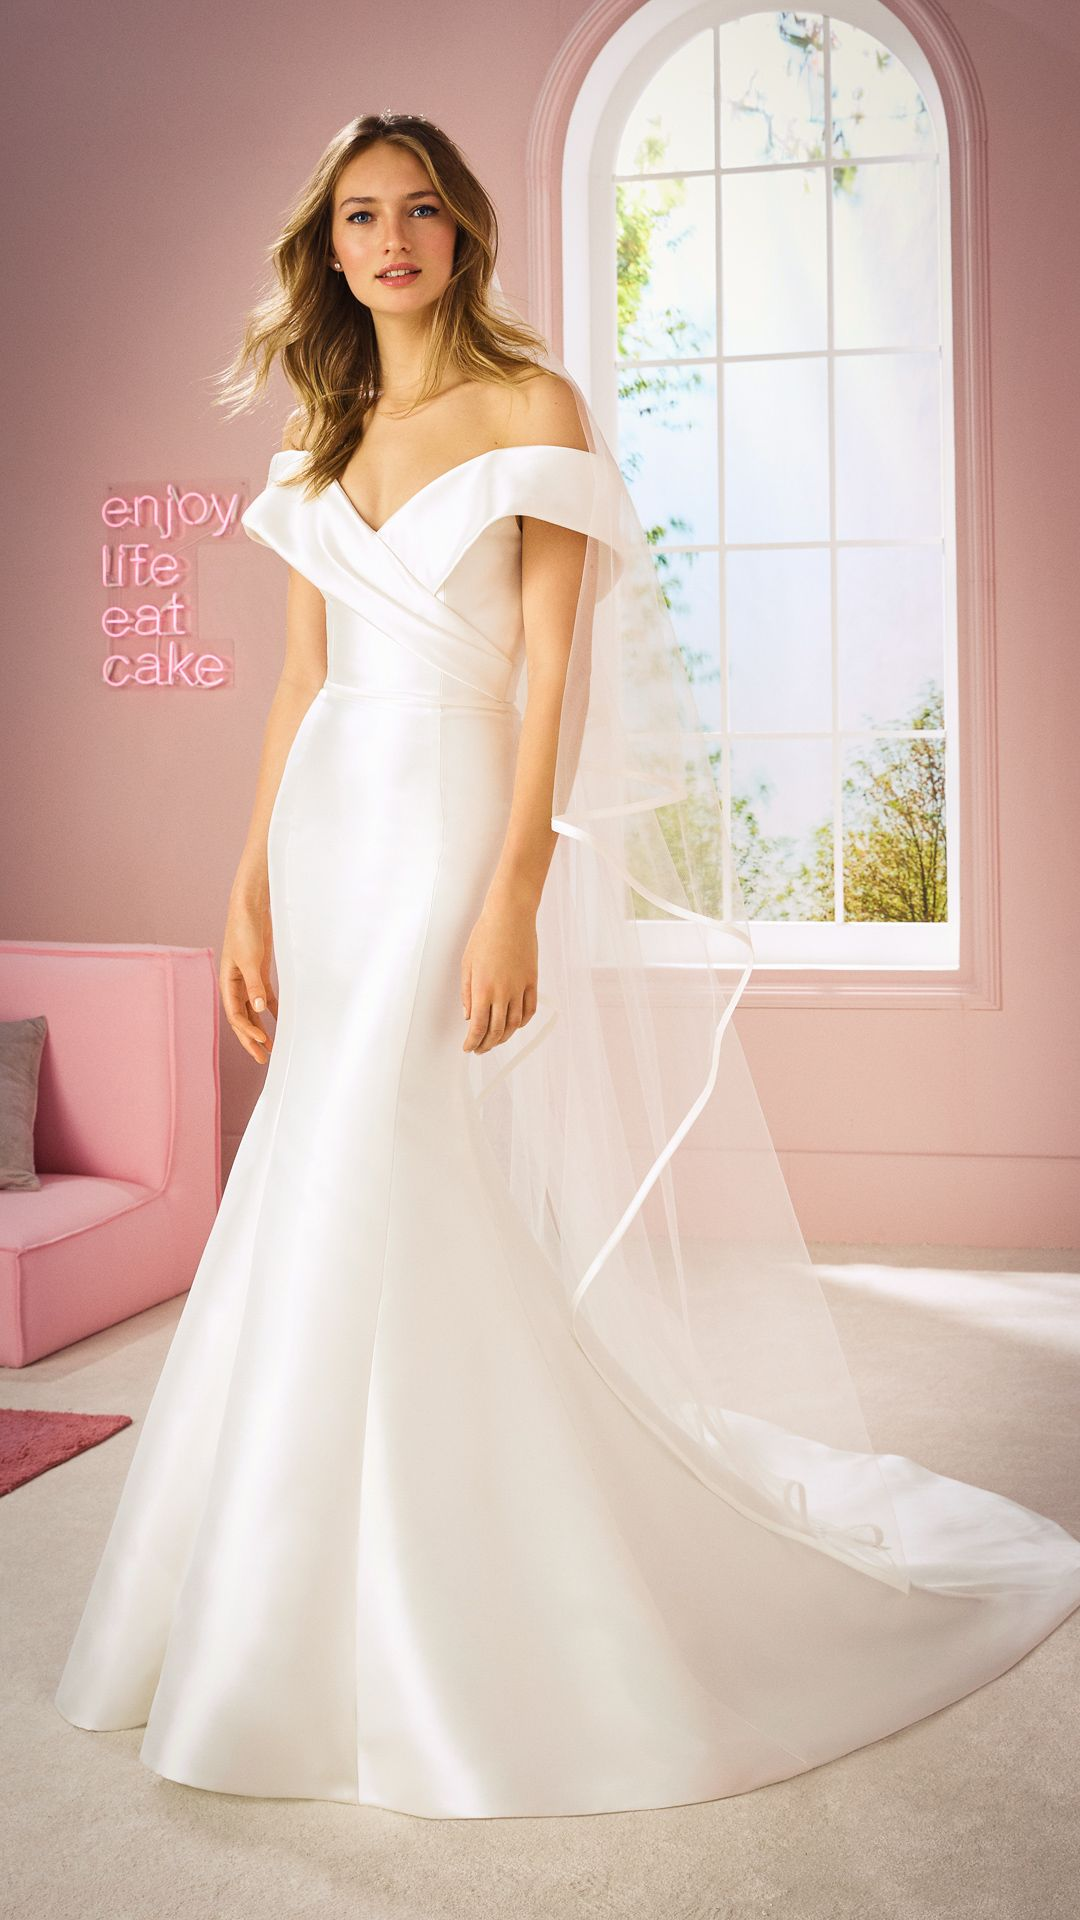 Hochzeitskleider 11 White One Kollektion Modell: TINA-B